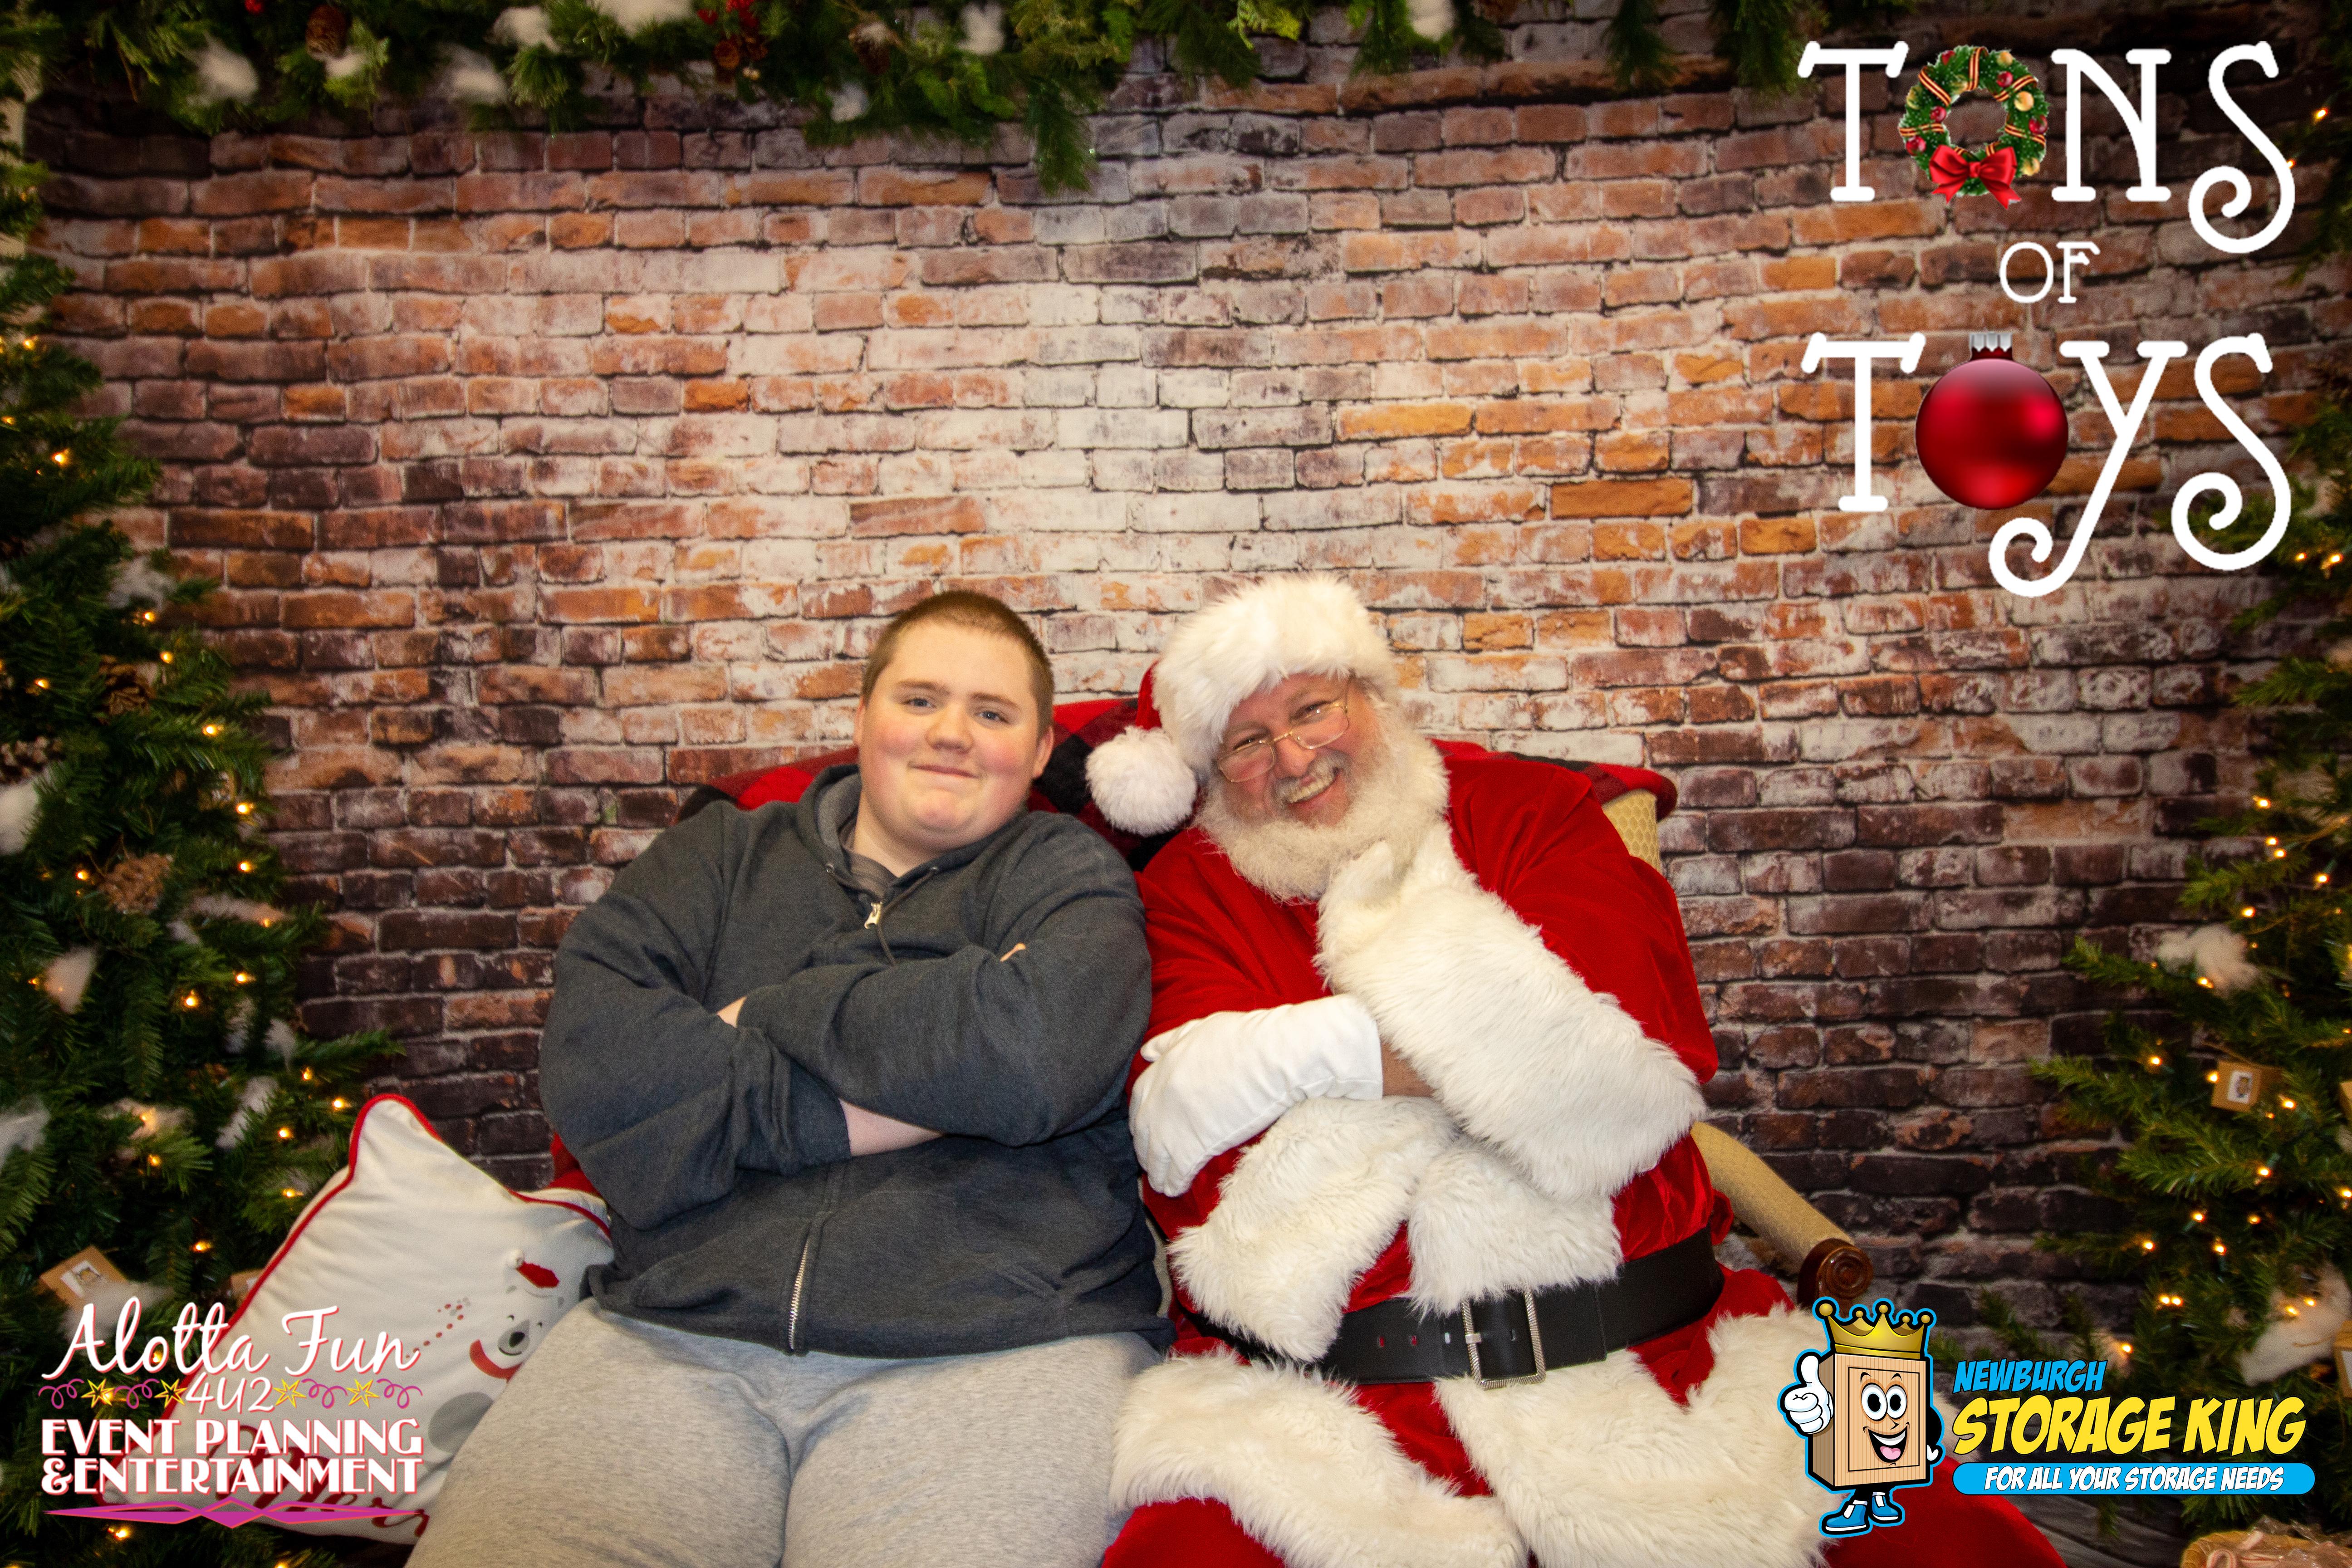 santa posing with a fan